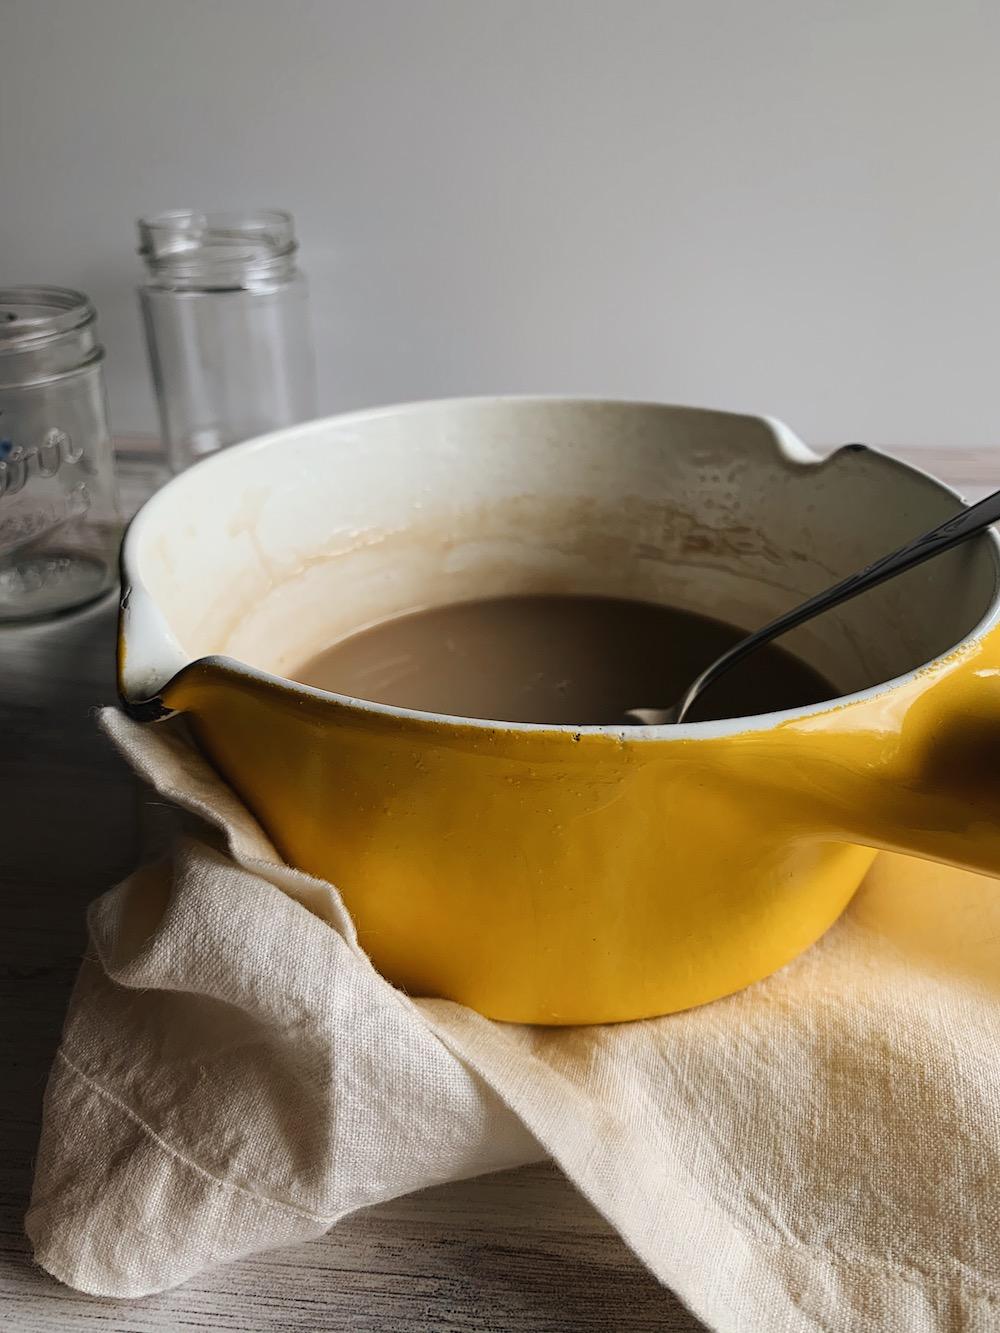 Pot of dairy-free salted caramel sauce